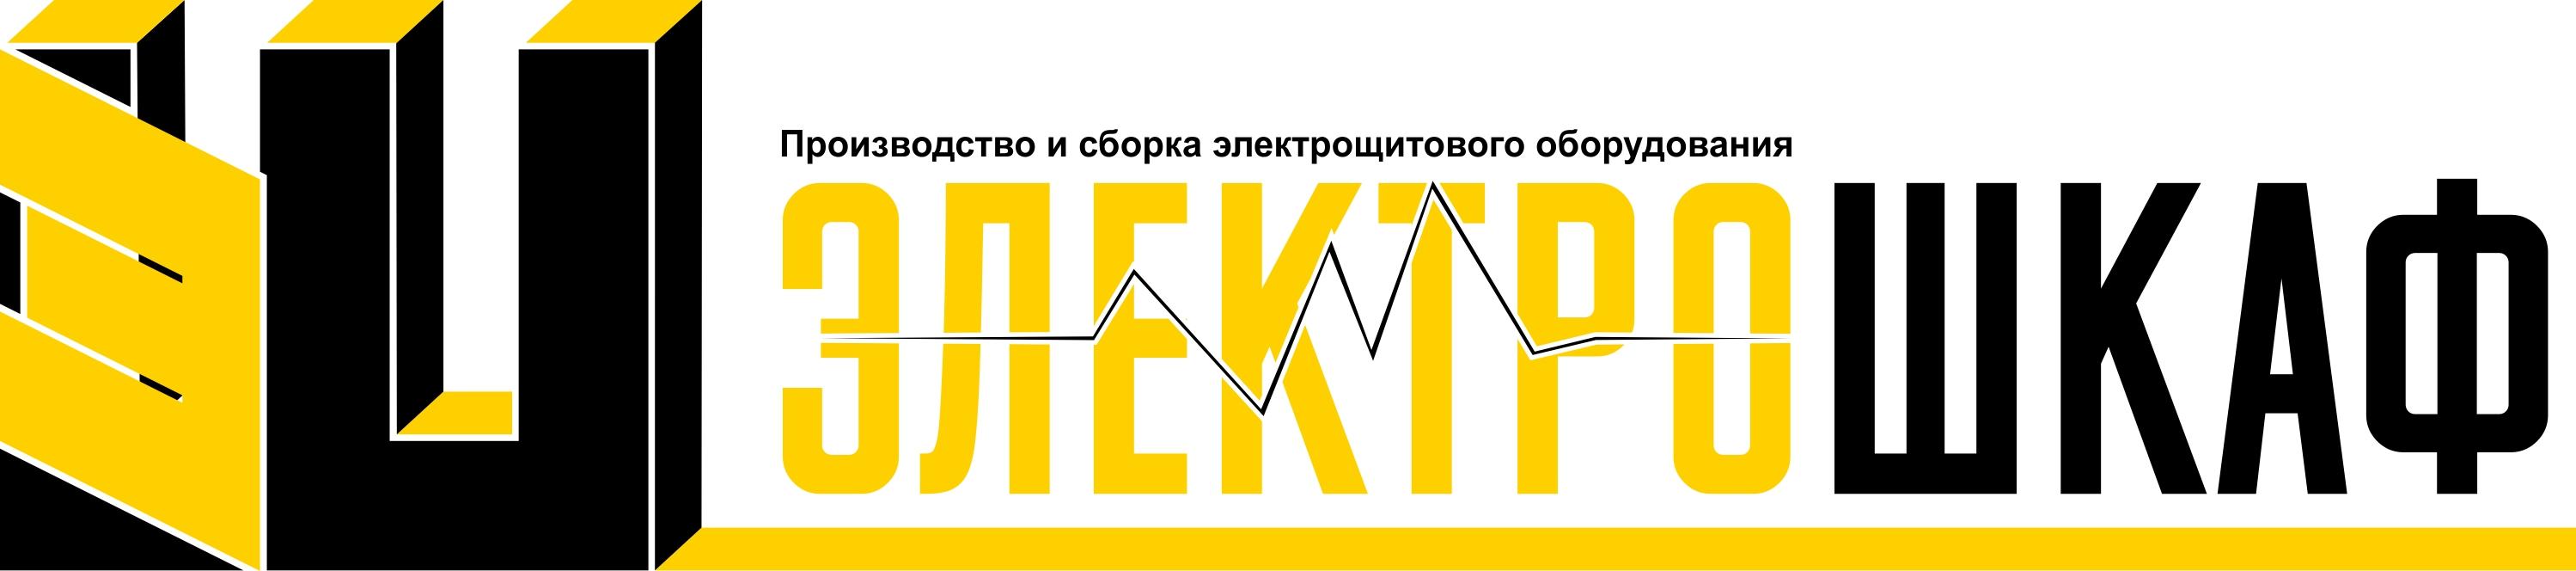 Разработать логотип для завода по производству электрощитов фото f_8845b71885d45dd9.jpg